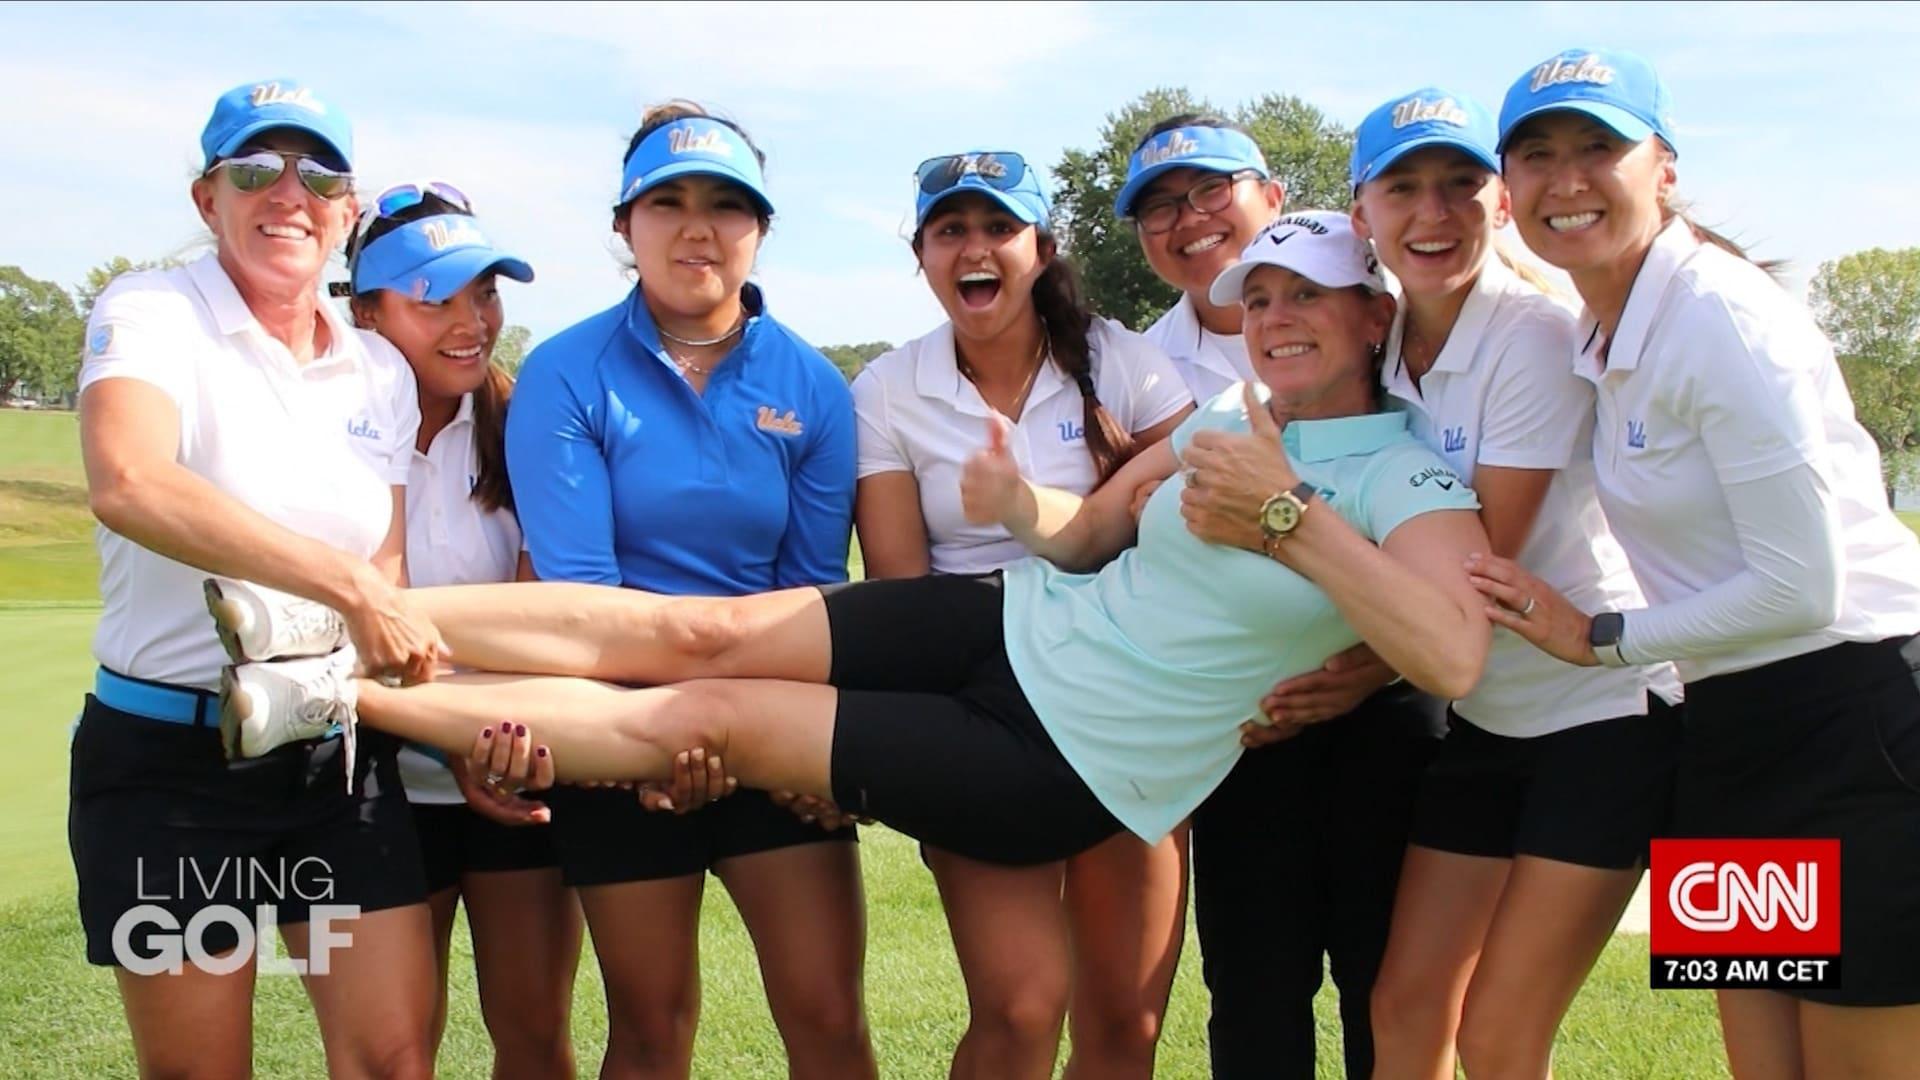 واحدة من الشخصيات الأكثر شهرة في تاريخ لعبة غولف.. أنيكا سورينستام تخلق فرص للجيل القادم من لاعبات الغولف